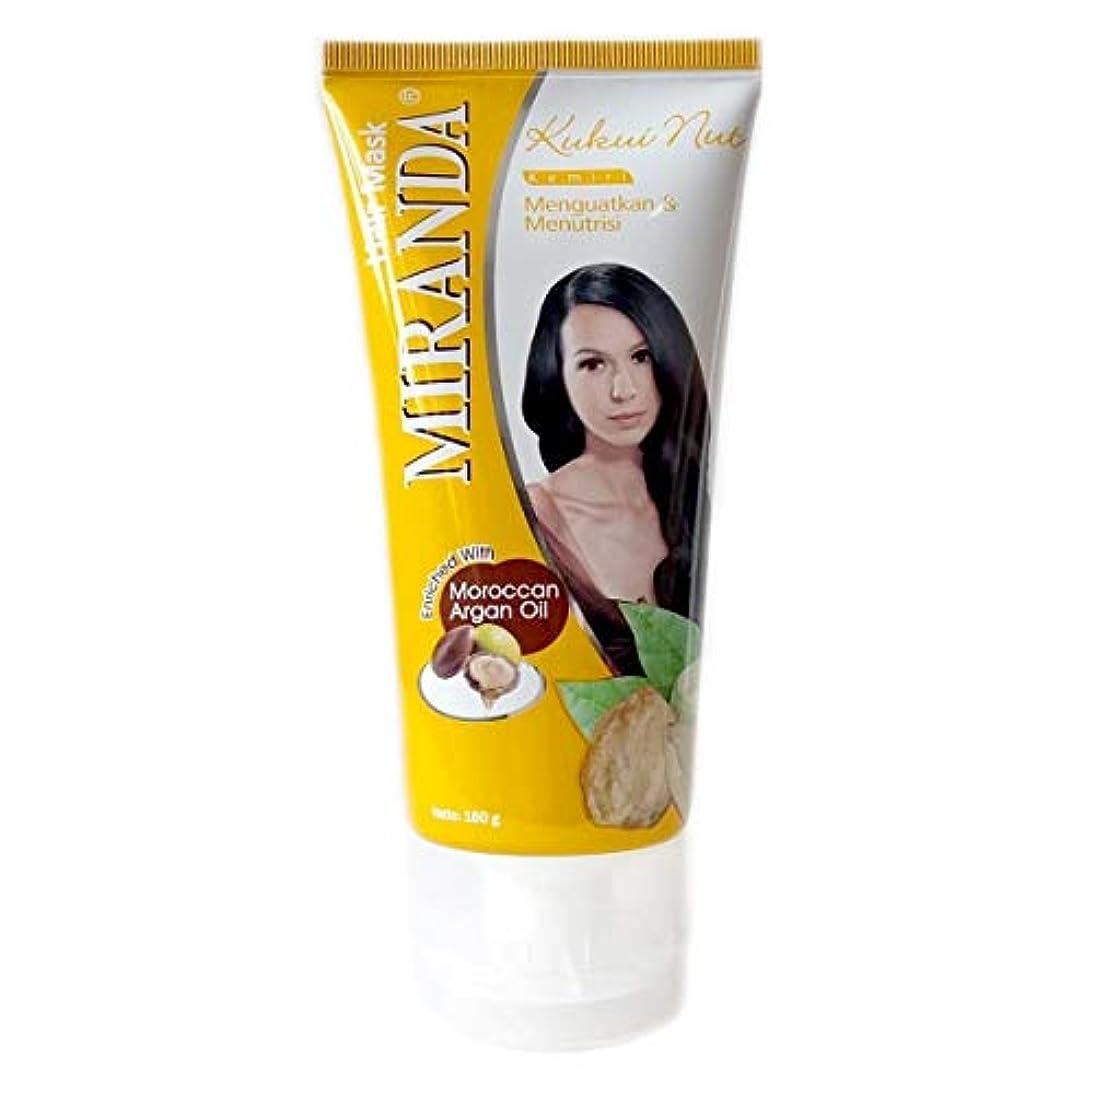 言い換えると下向きはちみつMIRANDA ミランダ Hair Mask ヘアマスク モロッカンアルガンオイル主成分のヘアトリートメント 160g Kukui nut クミリ [海外直送品]